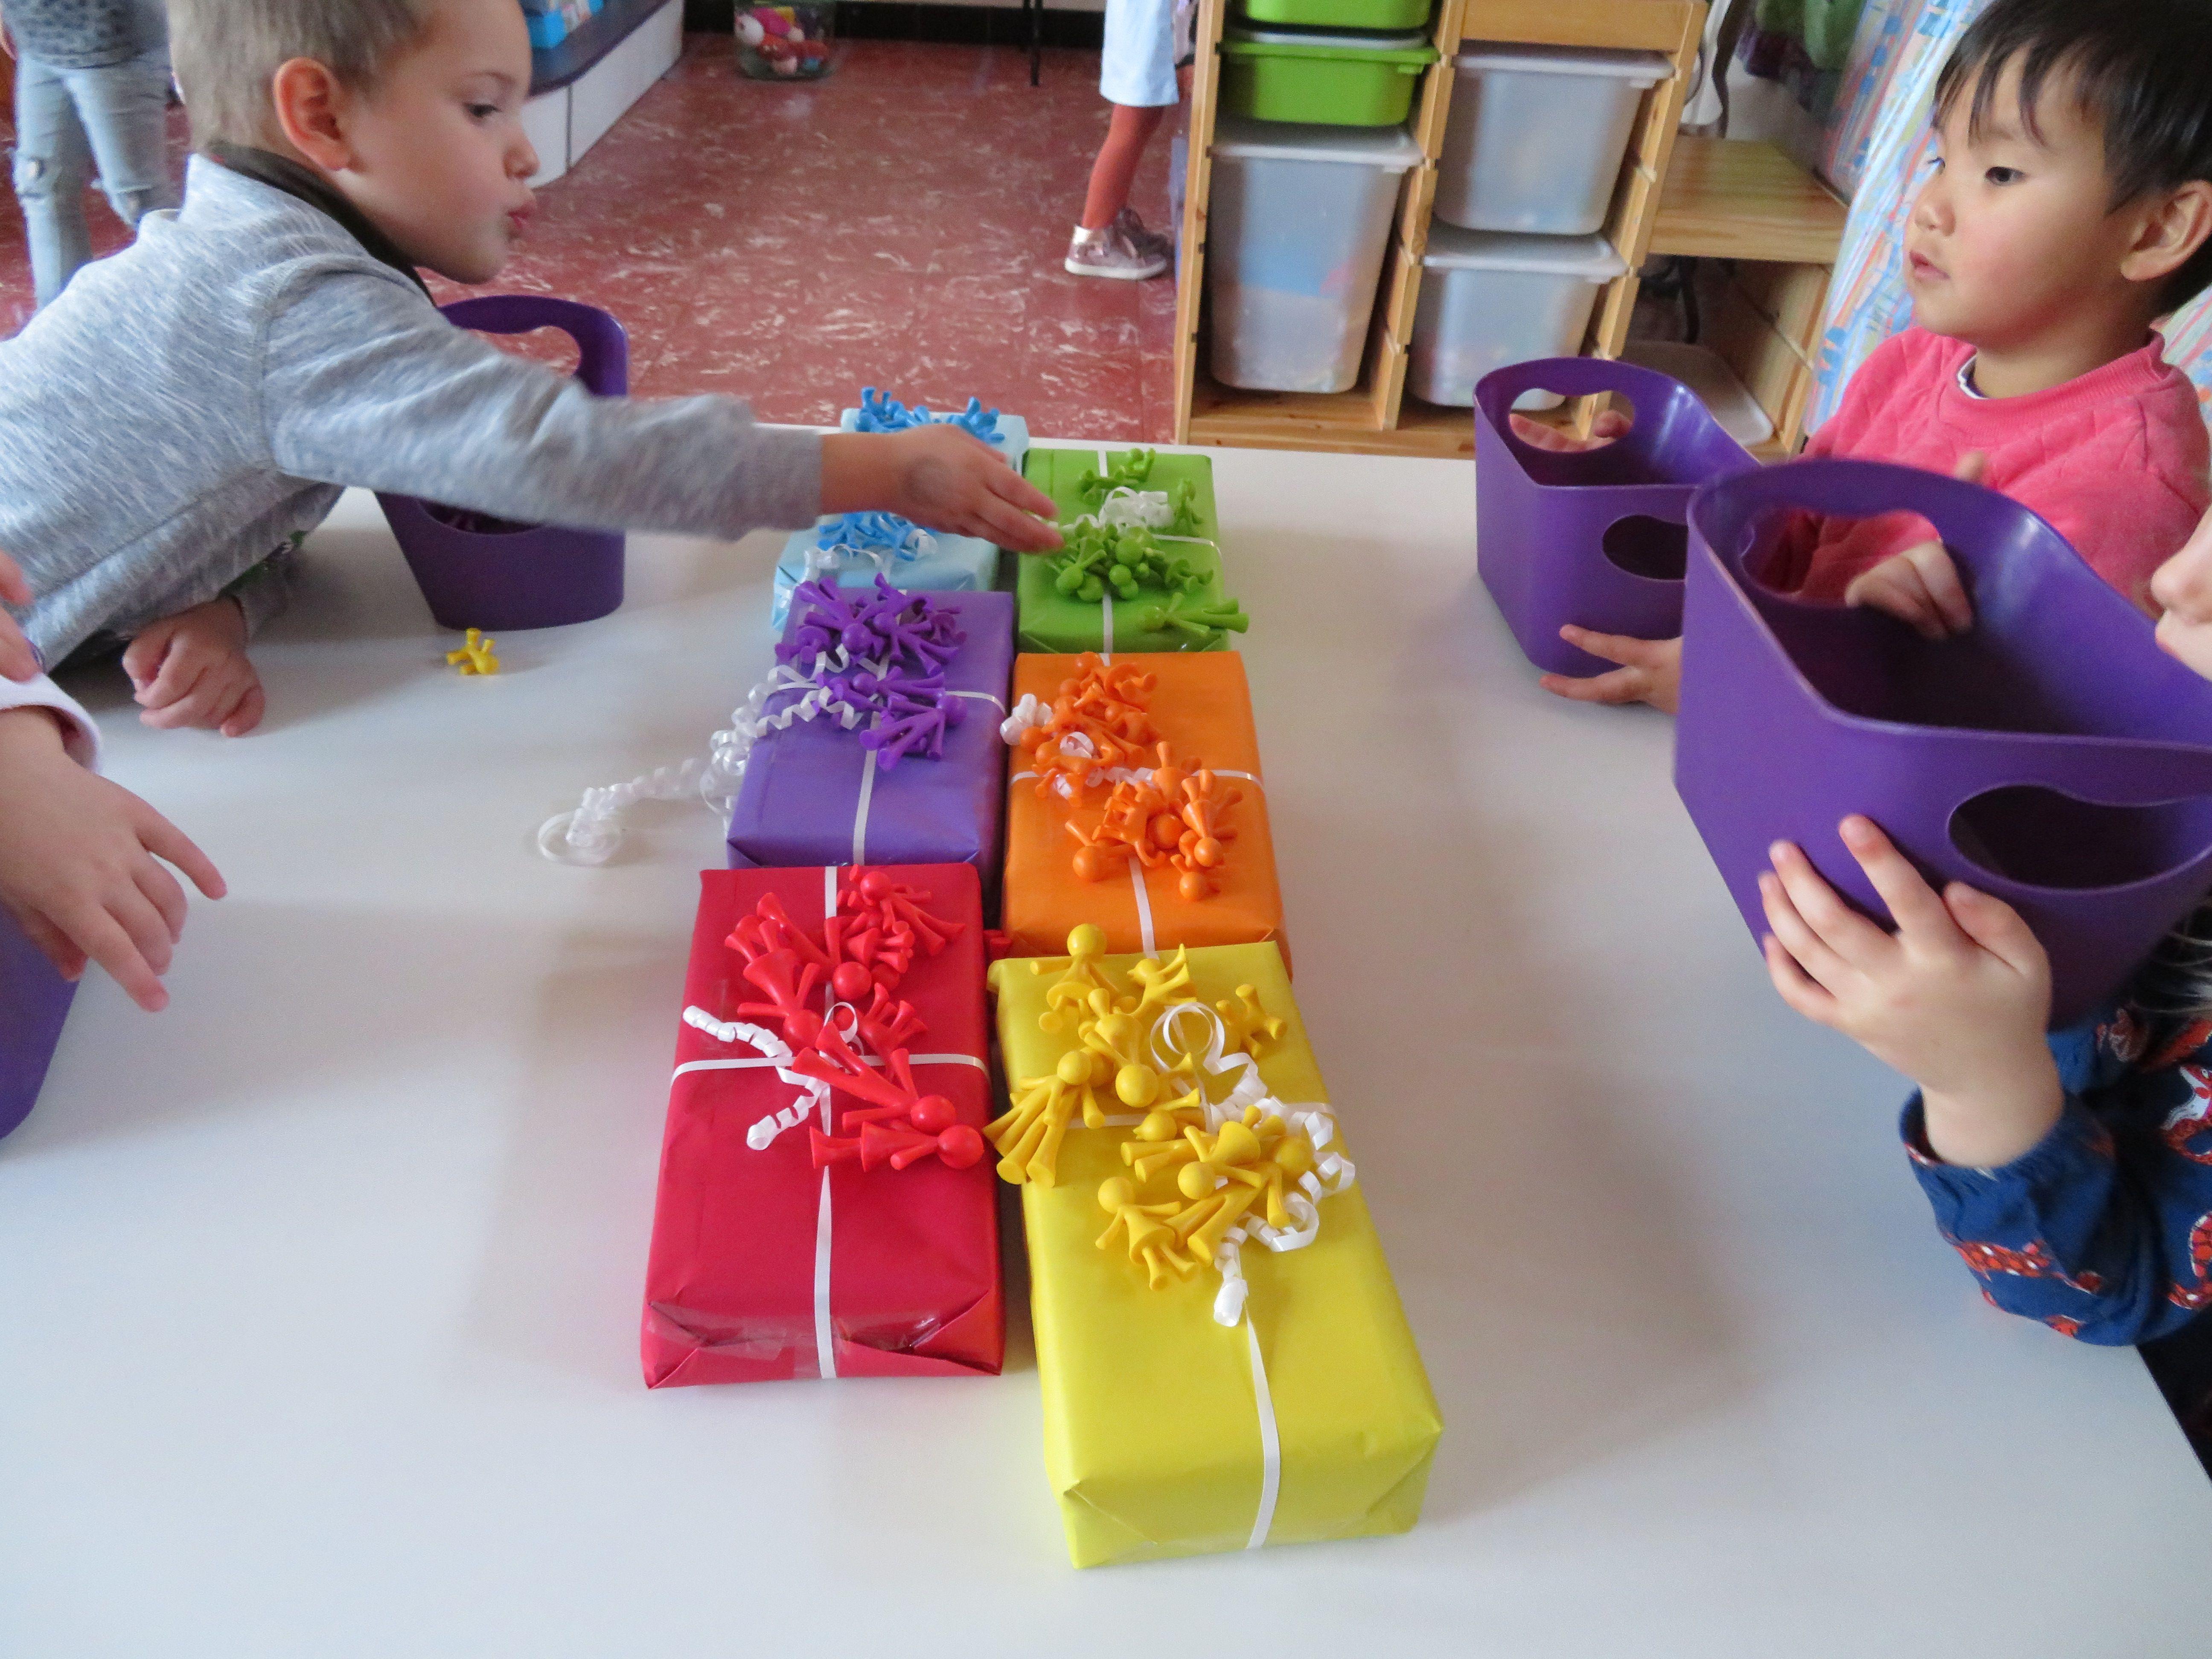 speelgoedjes sorteren bij juiste kleur cadeautje